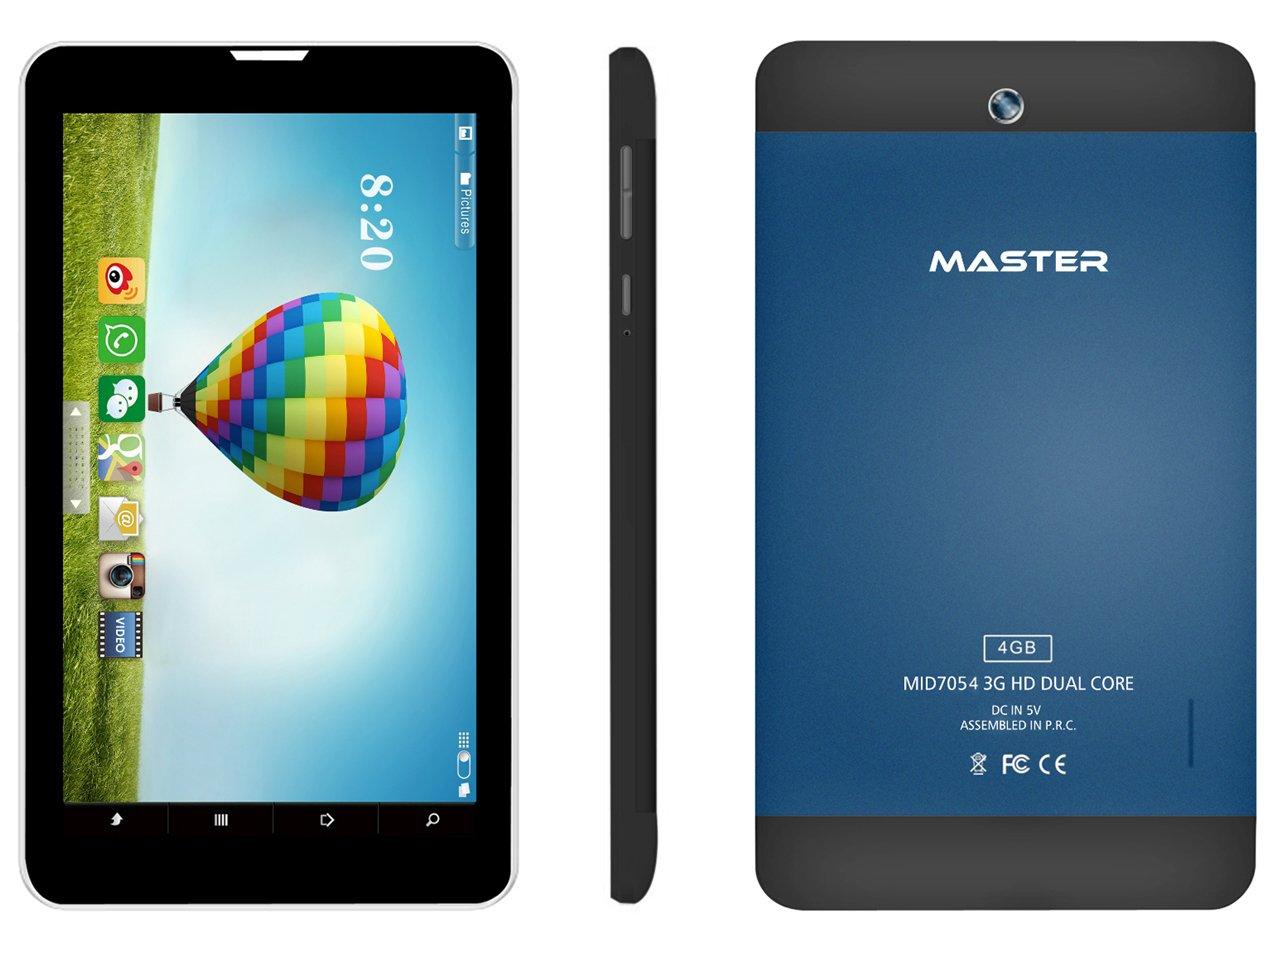 Master Digital MID7054/BL 4GB Negro, Azul - Tablet (Android, Pizarra ...